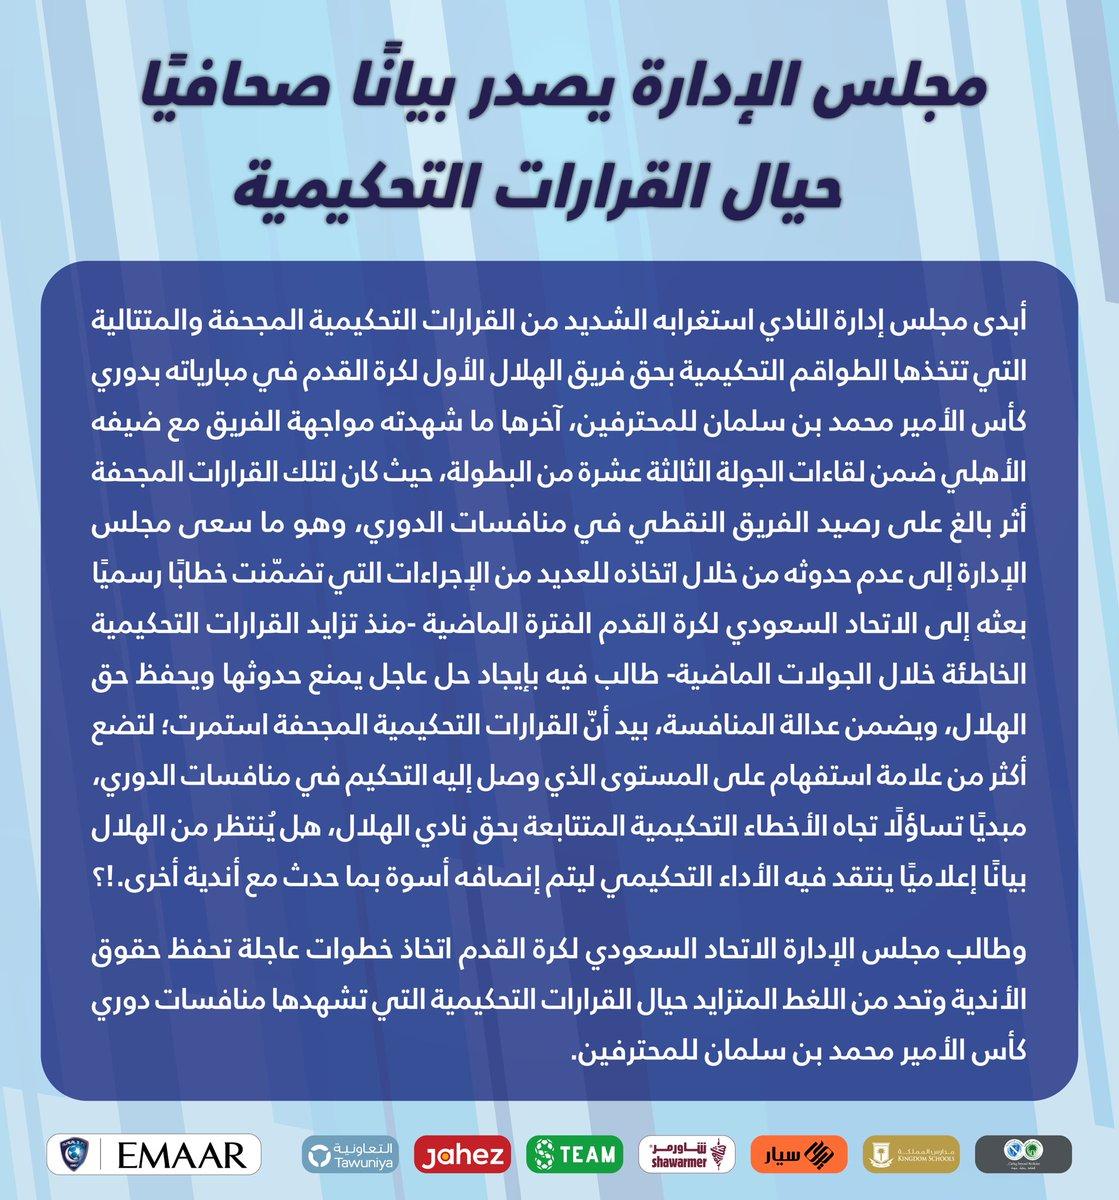 📃 مجلس الإدارة يصدر بيانًا صحافيًا حيال القرارات التحكيمية  #الهلال